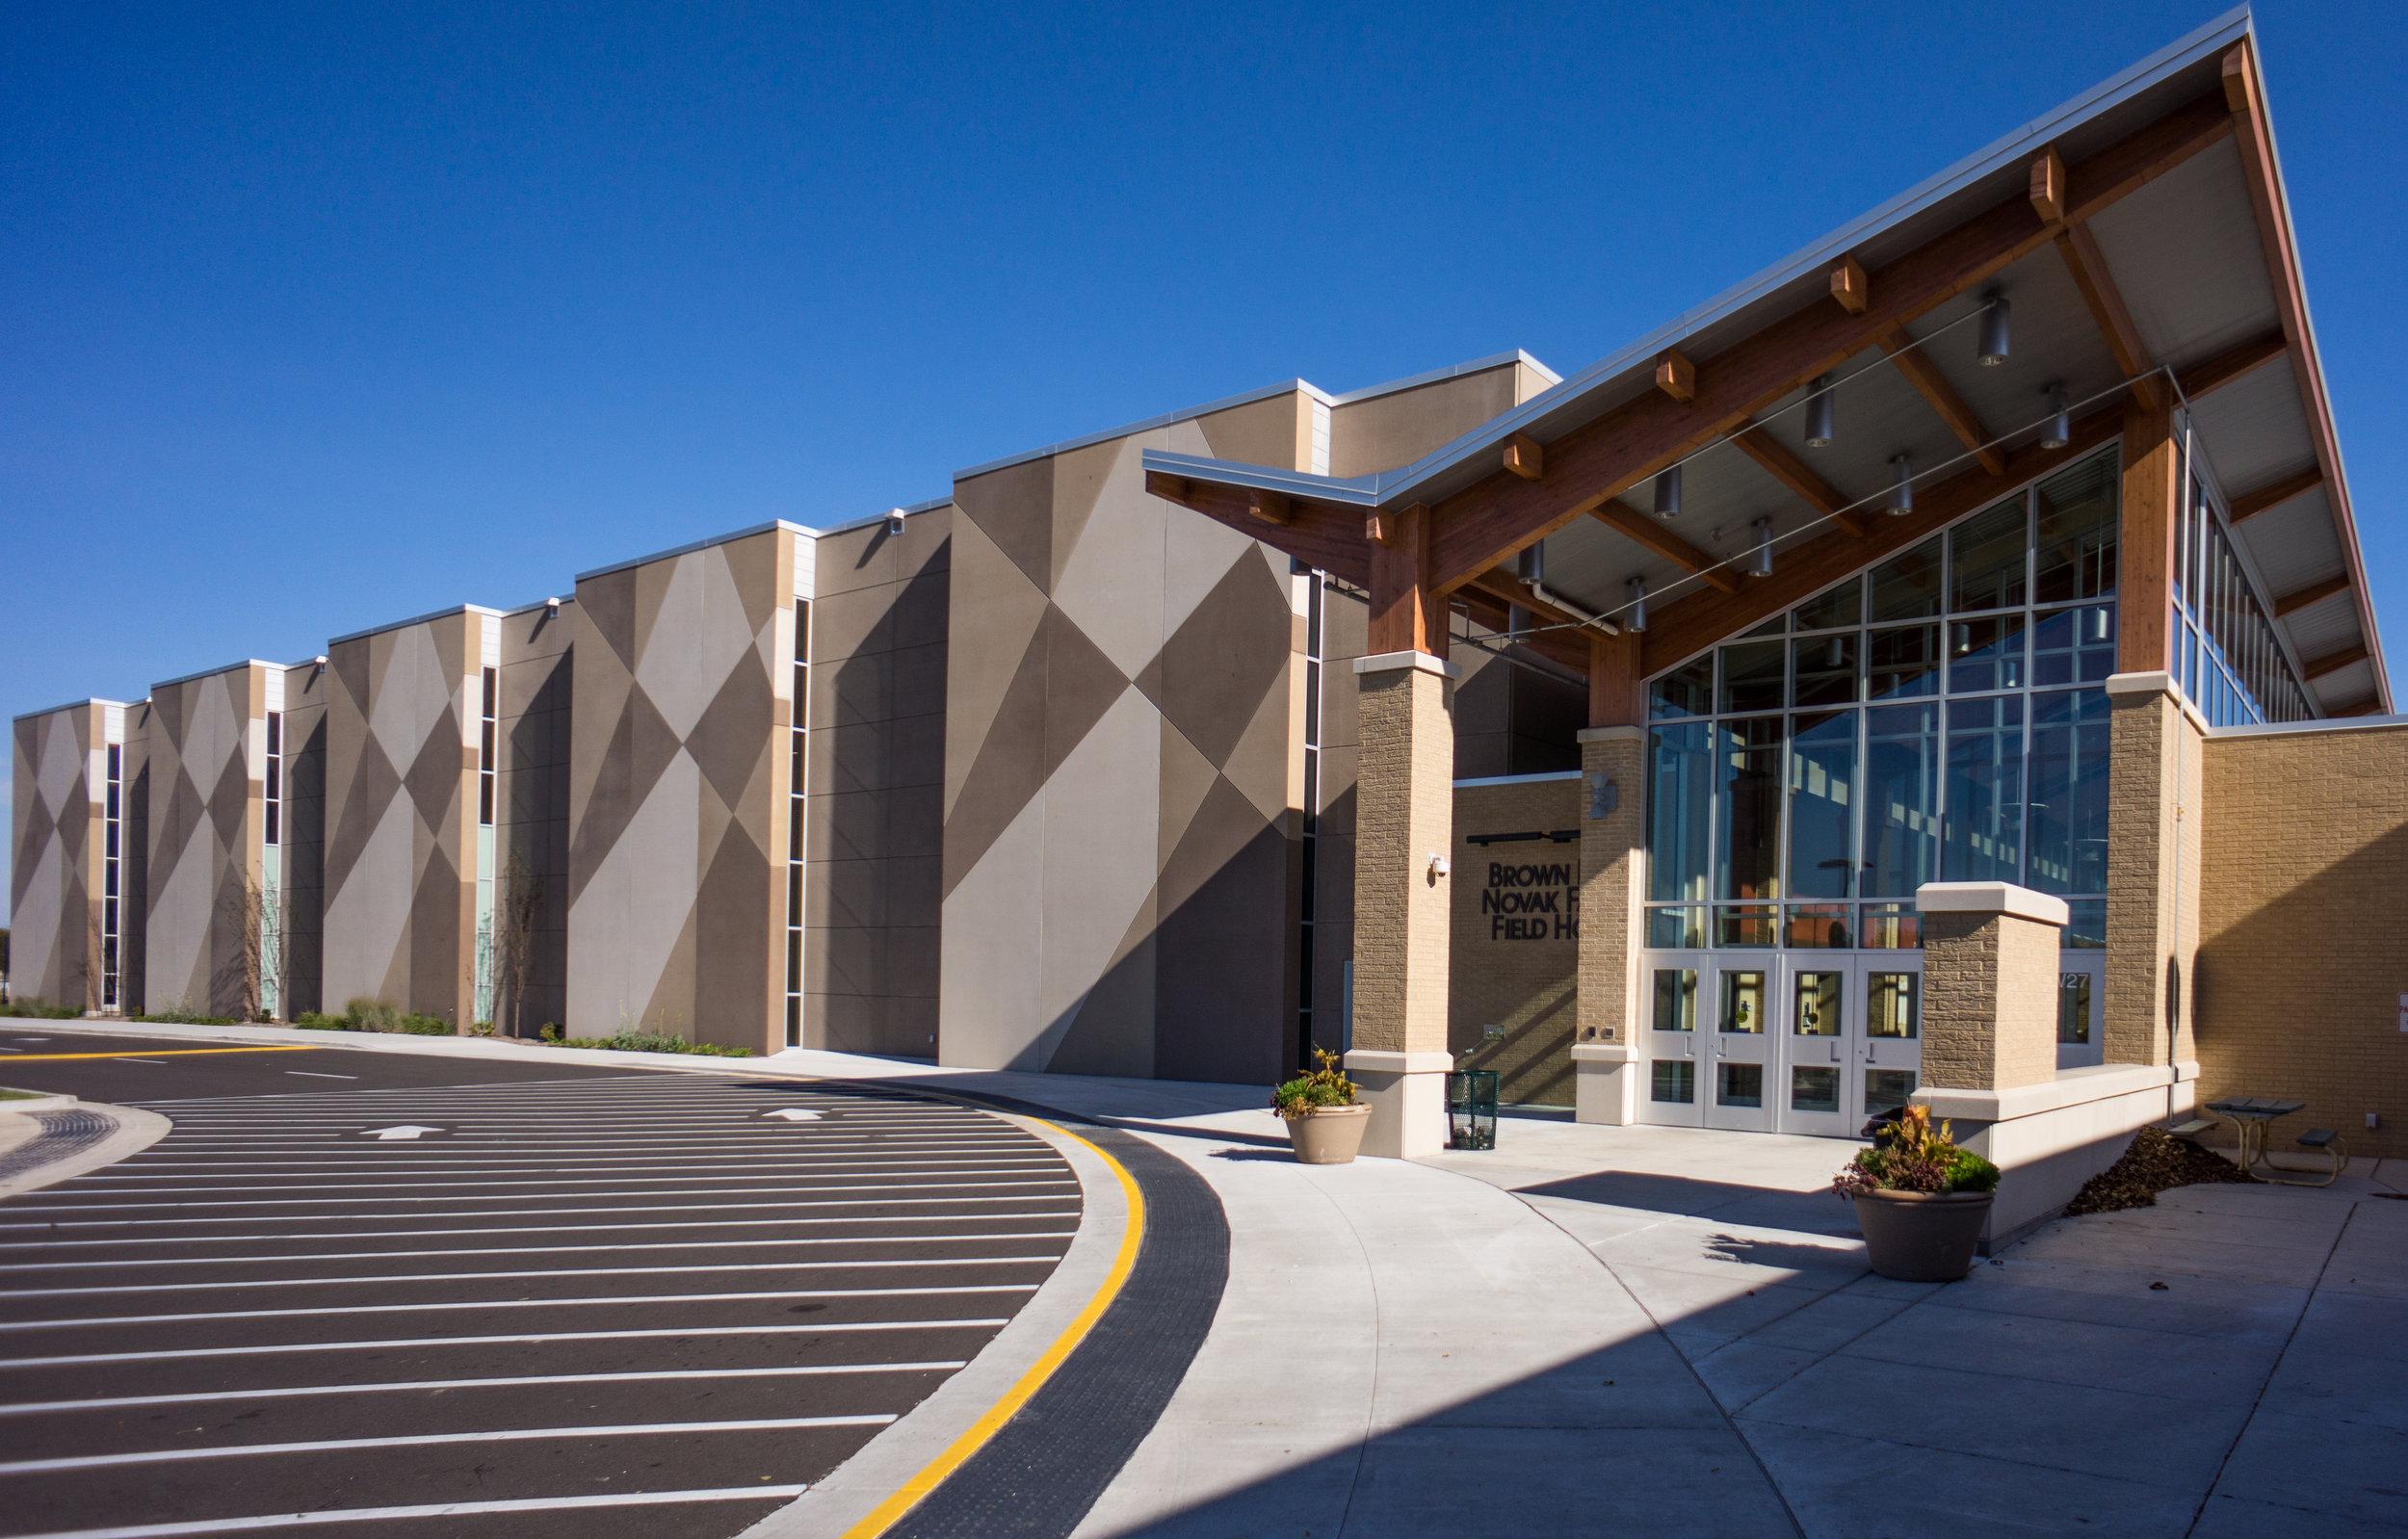 Brown Deer Middle High School Field House-a.jpg